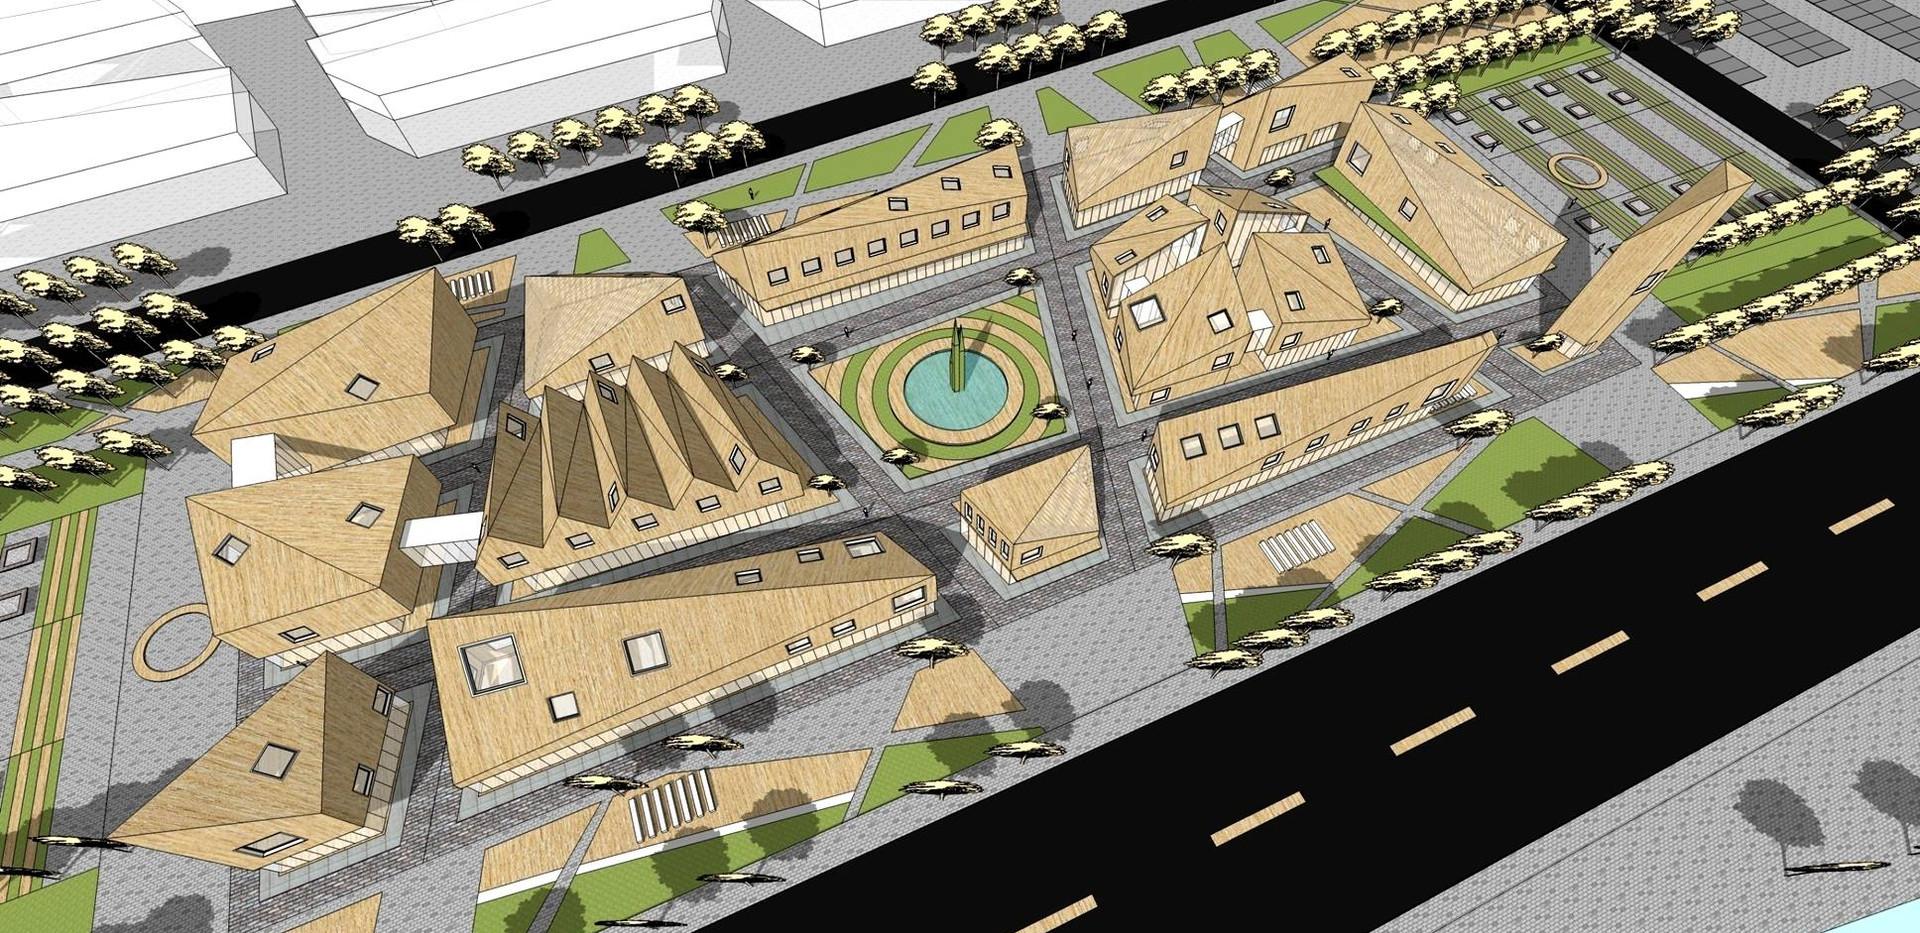 阿尔山白狼镇文化中心重建项目